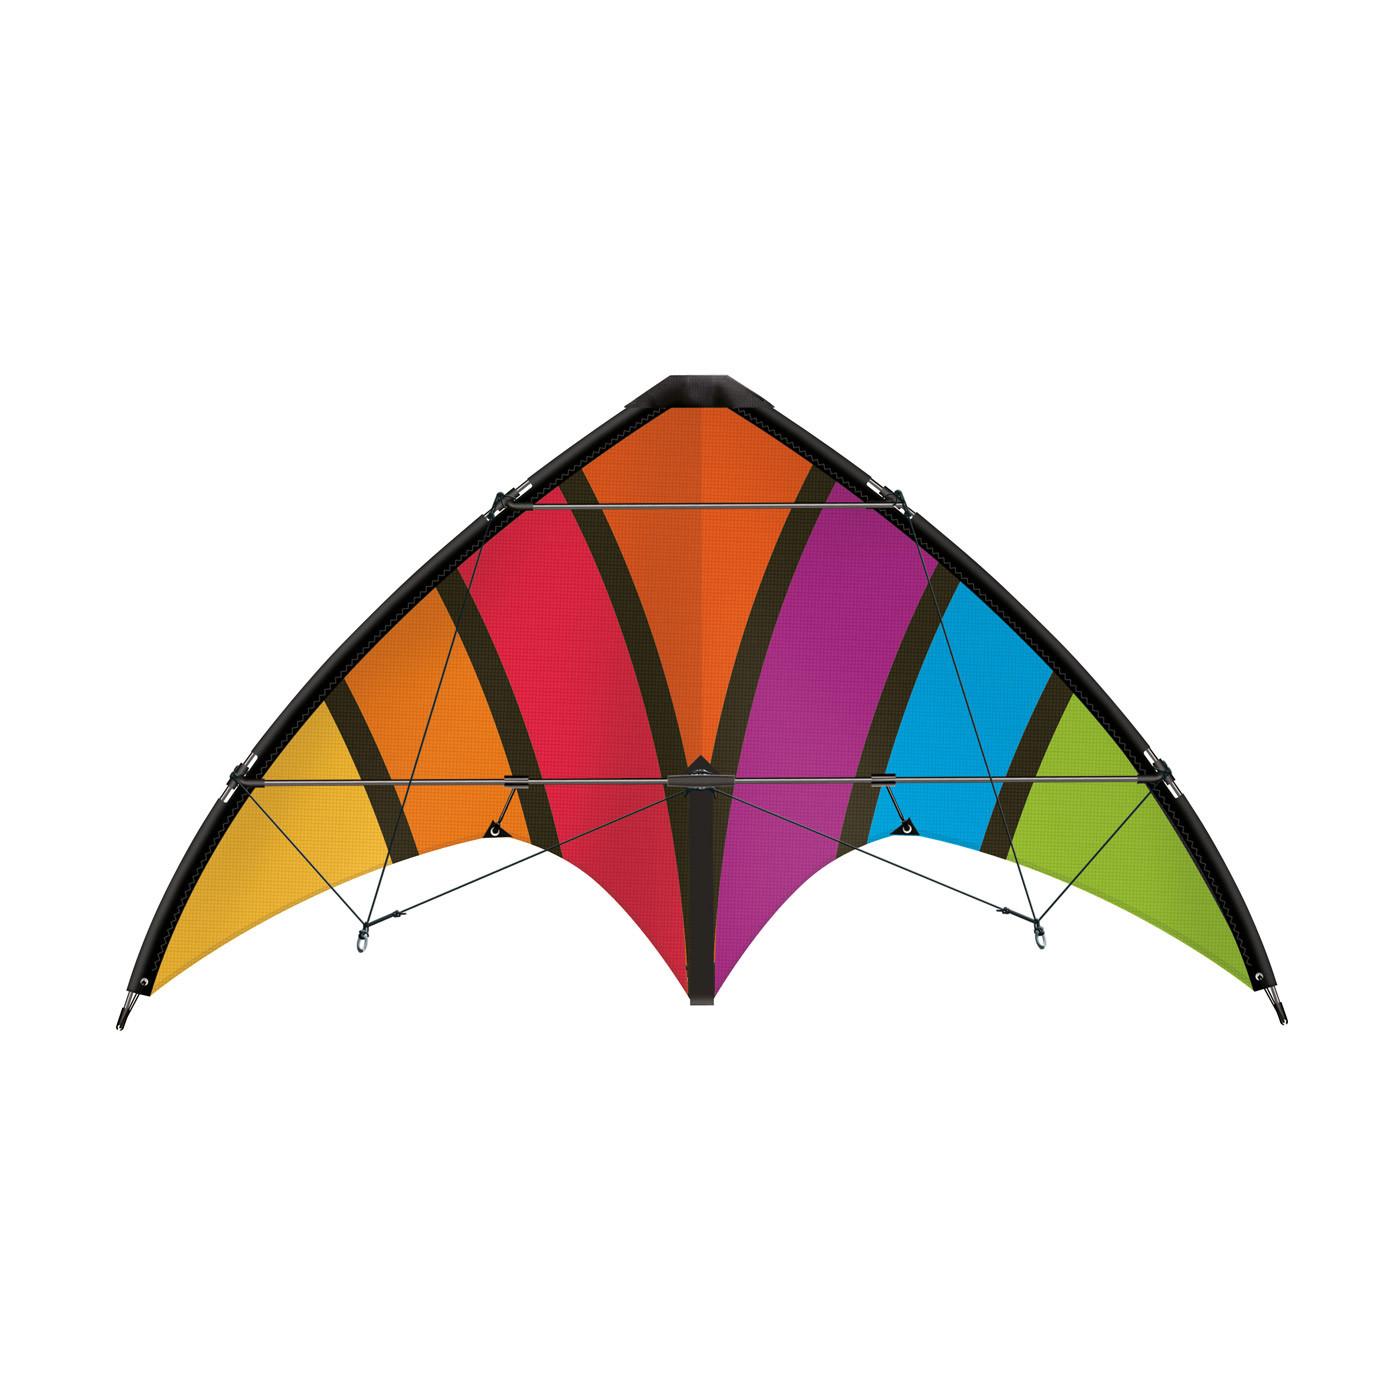 Top loop kites wind designs for Indoor kite design